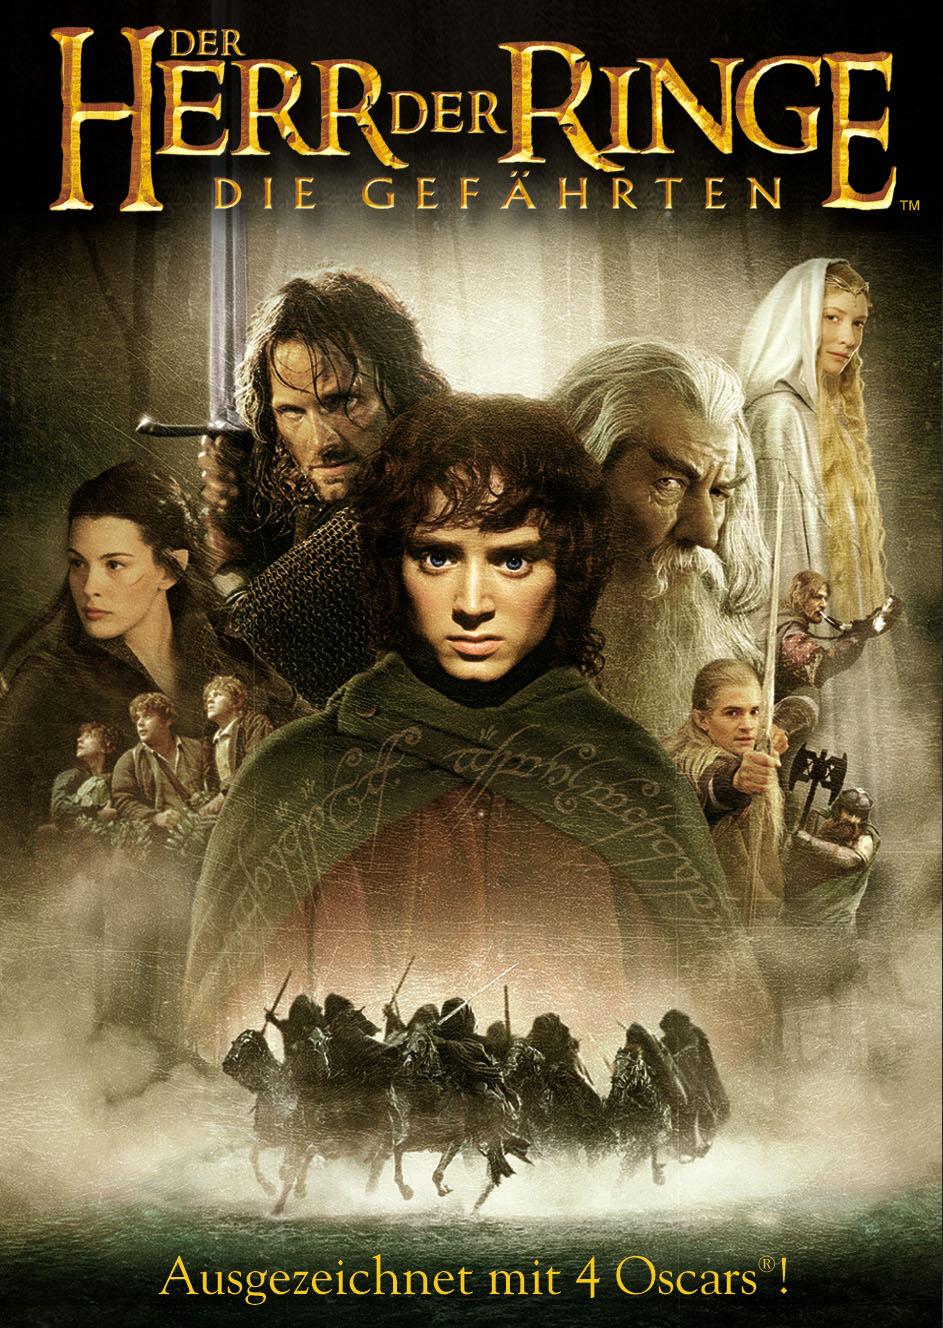 Lord of the rings Wallpaper und Hintergrundbilder 1 - herr der ringe hintergrundbilder